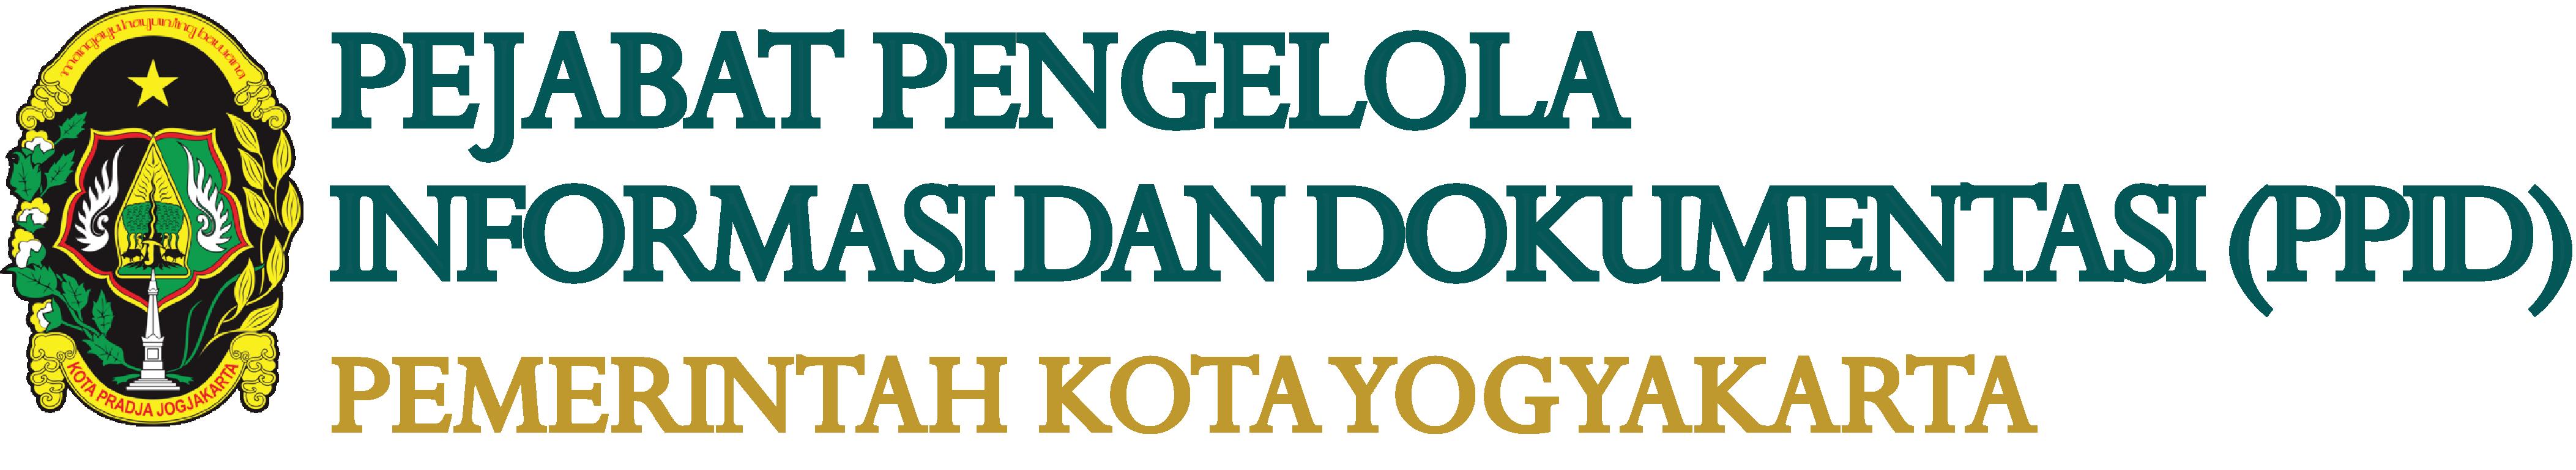 Pejabat Pengelola Informasi dan Dokumen Pemerintah Kota Yogyakarta